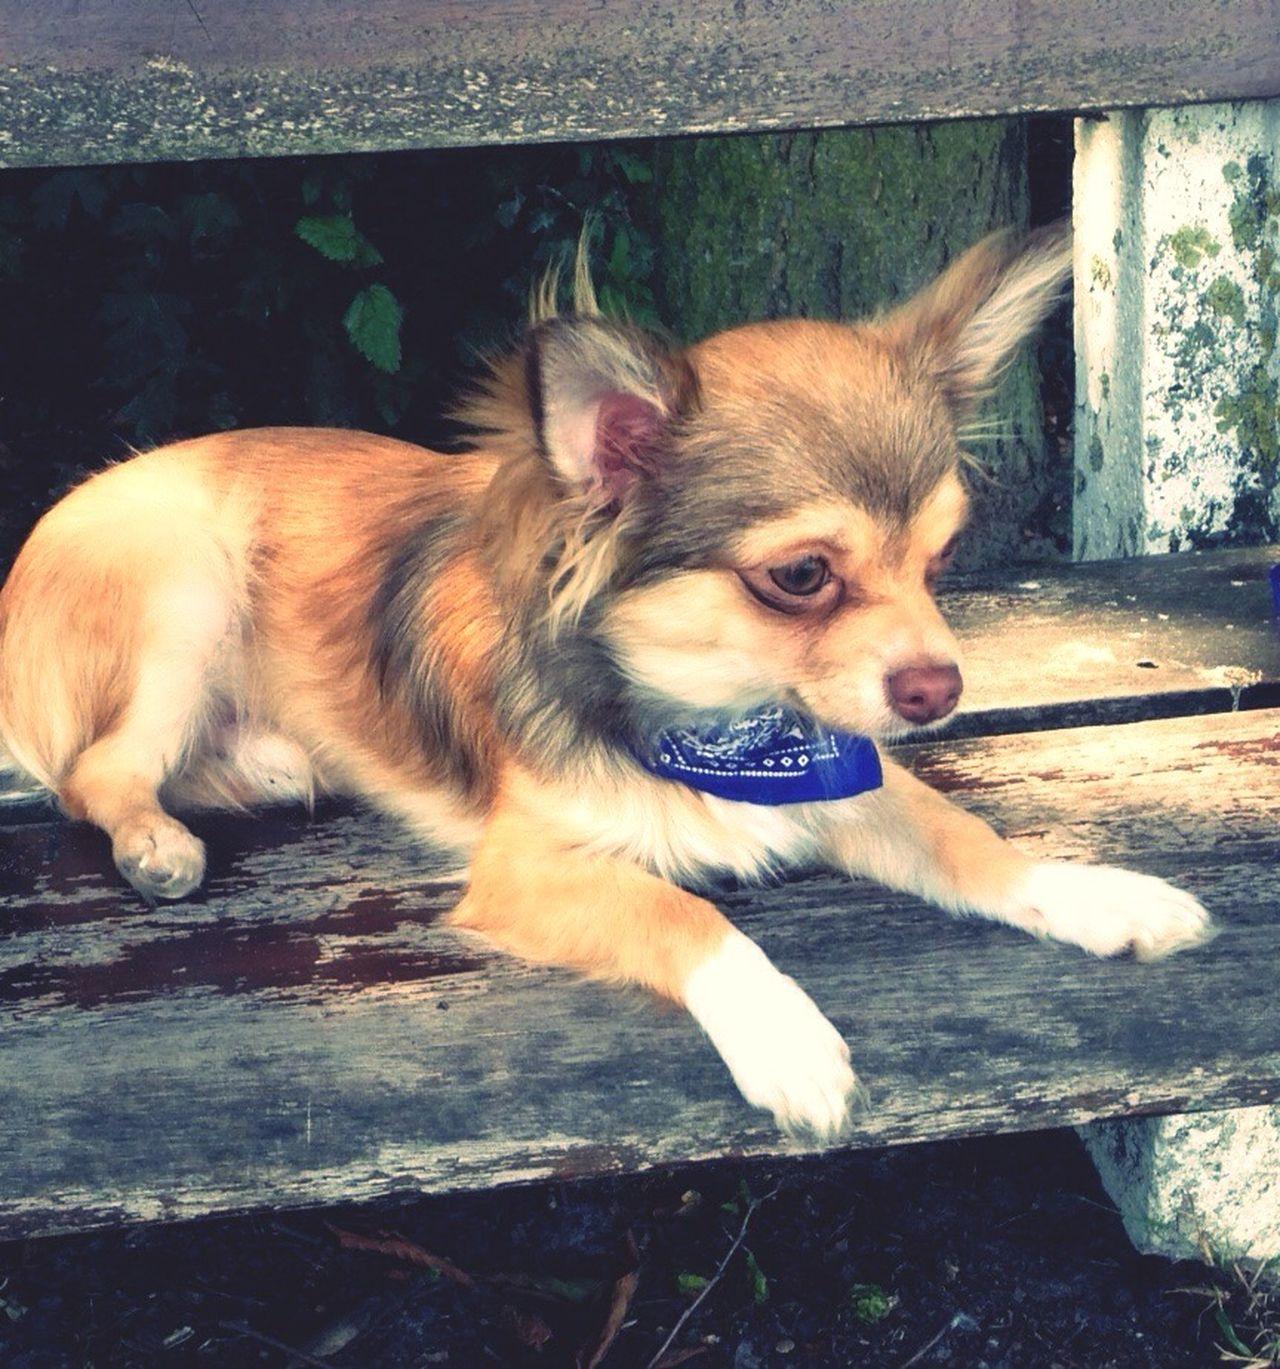 Gorki .... Puppydog Puppy Eyes Puppy Face Puppy Love ❤ PuppyLove Pets Corner Dogs Puppies Doglover Pets Pups Puppy Love Animals Puppy❤ Puppyeyes Dogslife Hi! Puppy Chiuahua Chiuaua